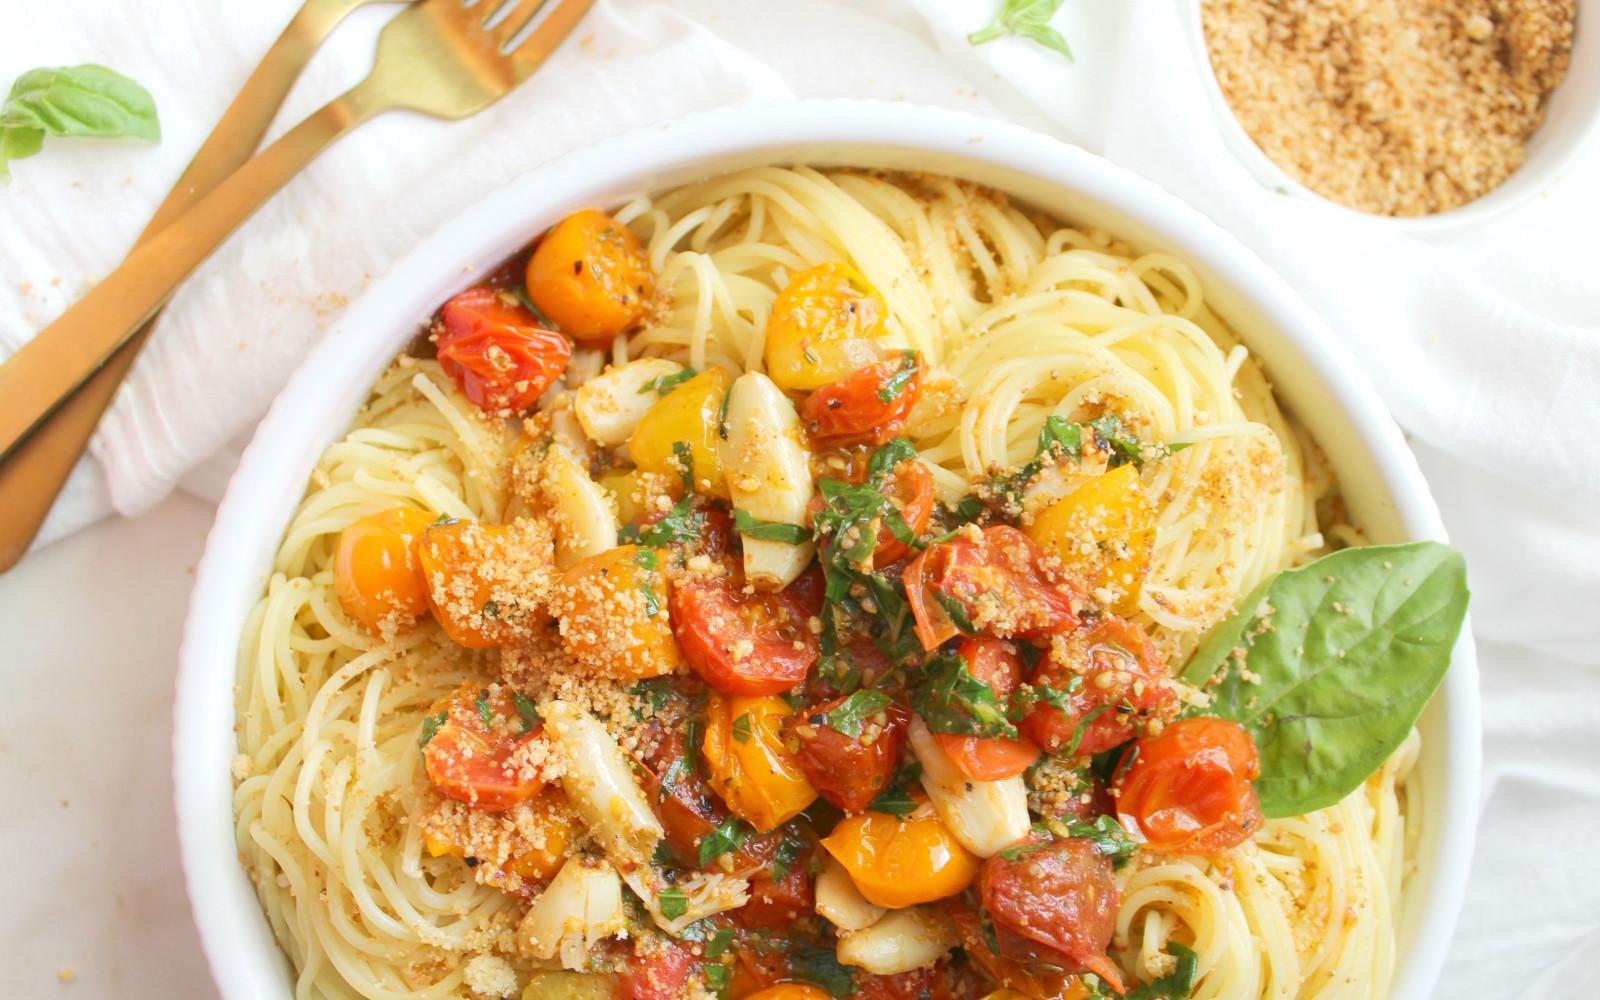 Roasted Garlic Tomato Spaghettini With Garlic 'Parmesan' Bread Crumbs